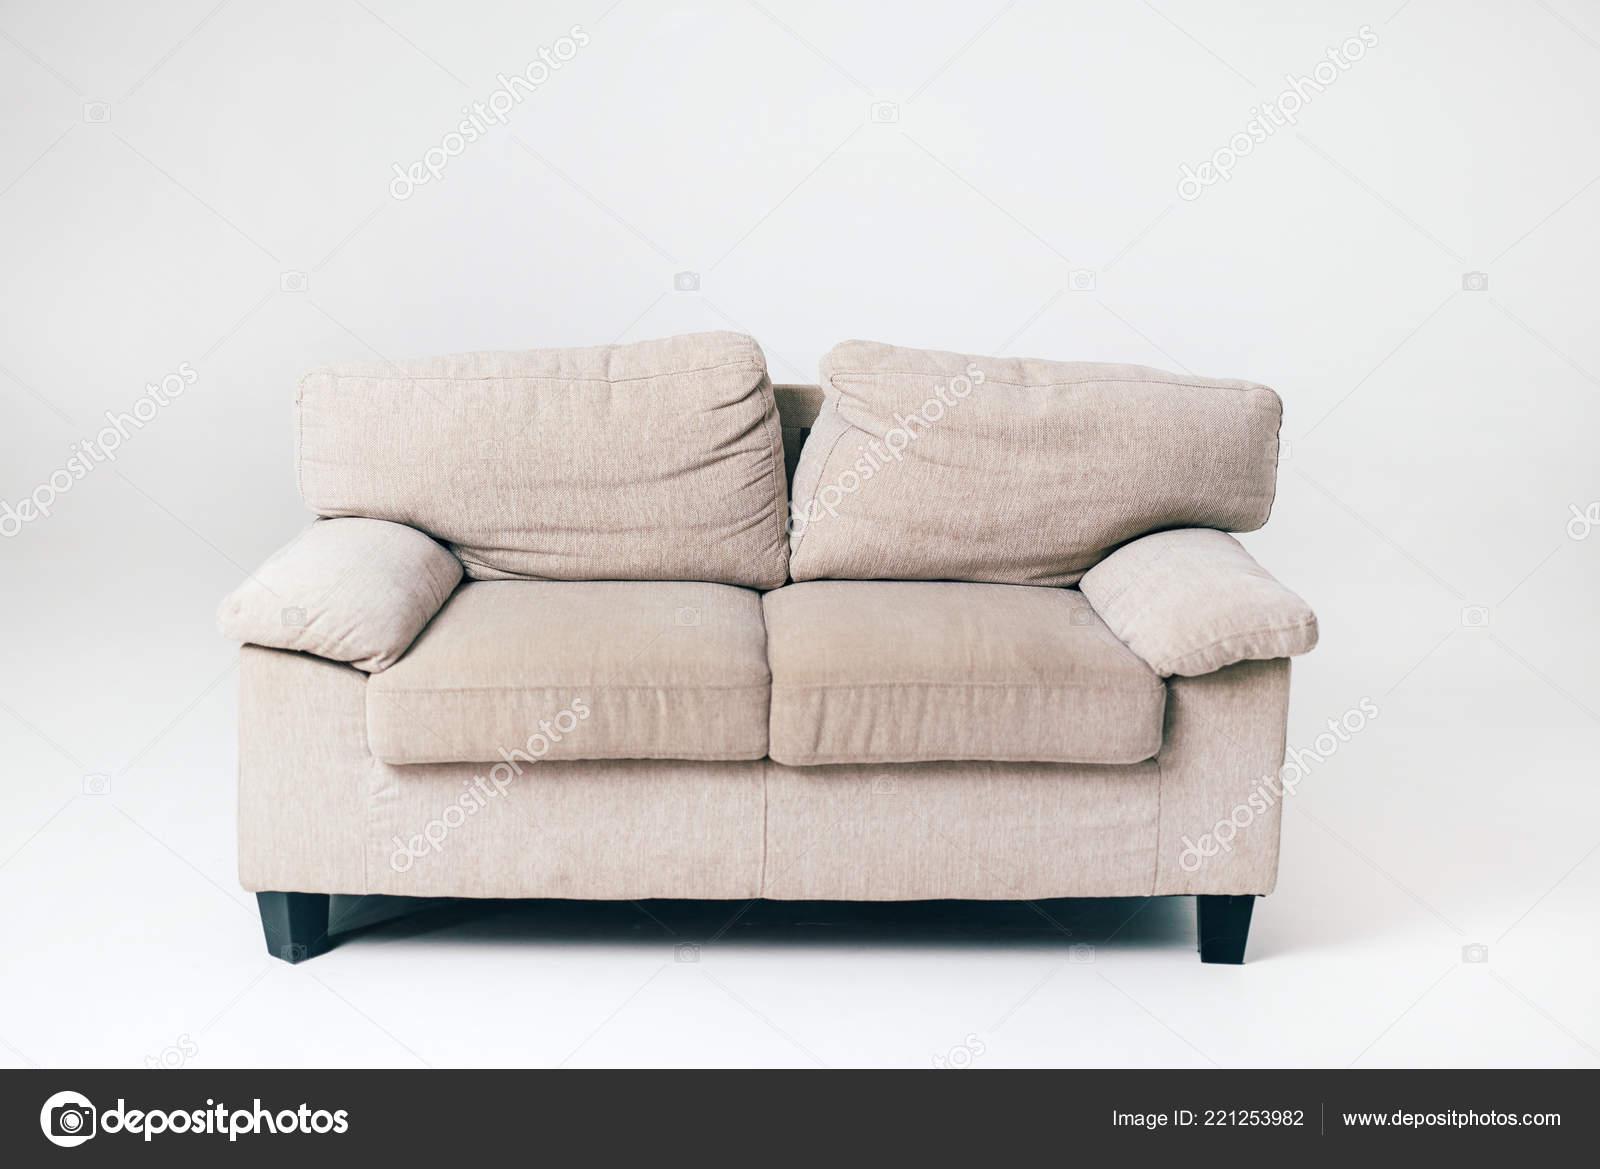 Ein Graues Weiches Sofa Mit Kissen Steht Mitten Raum Auf Stockfoto